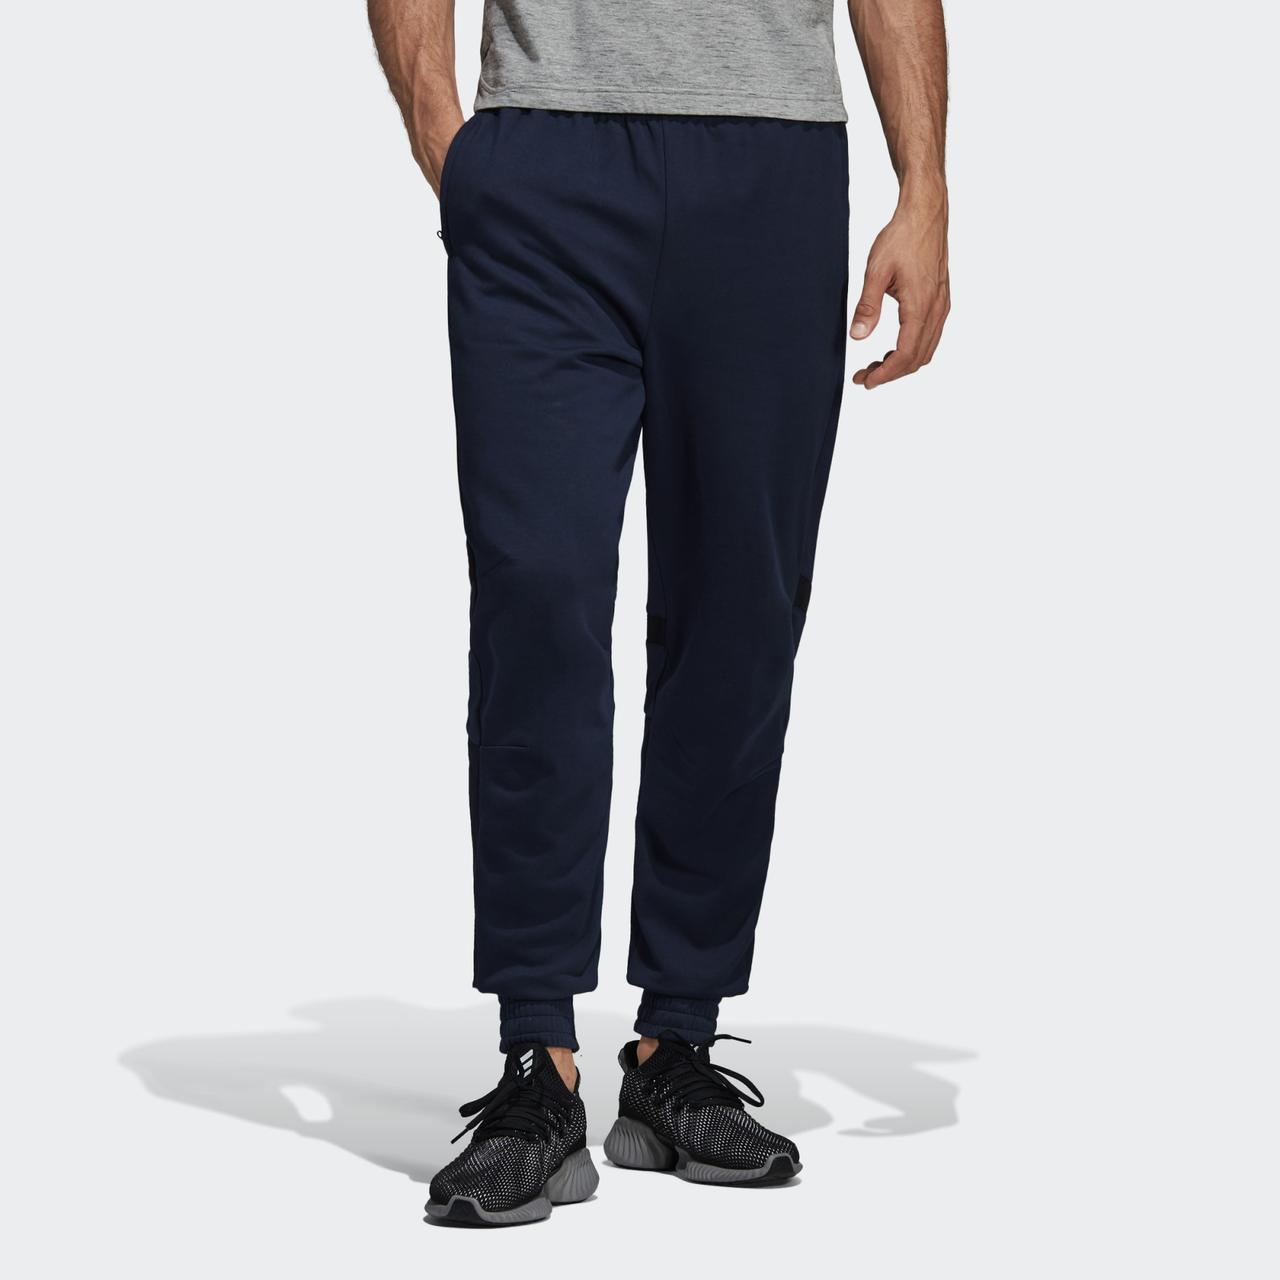 11840de9 Спортивные штаны adidas ID WND Pants DZ0400 - 2019: продажа, цена в ...